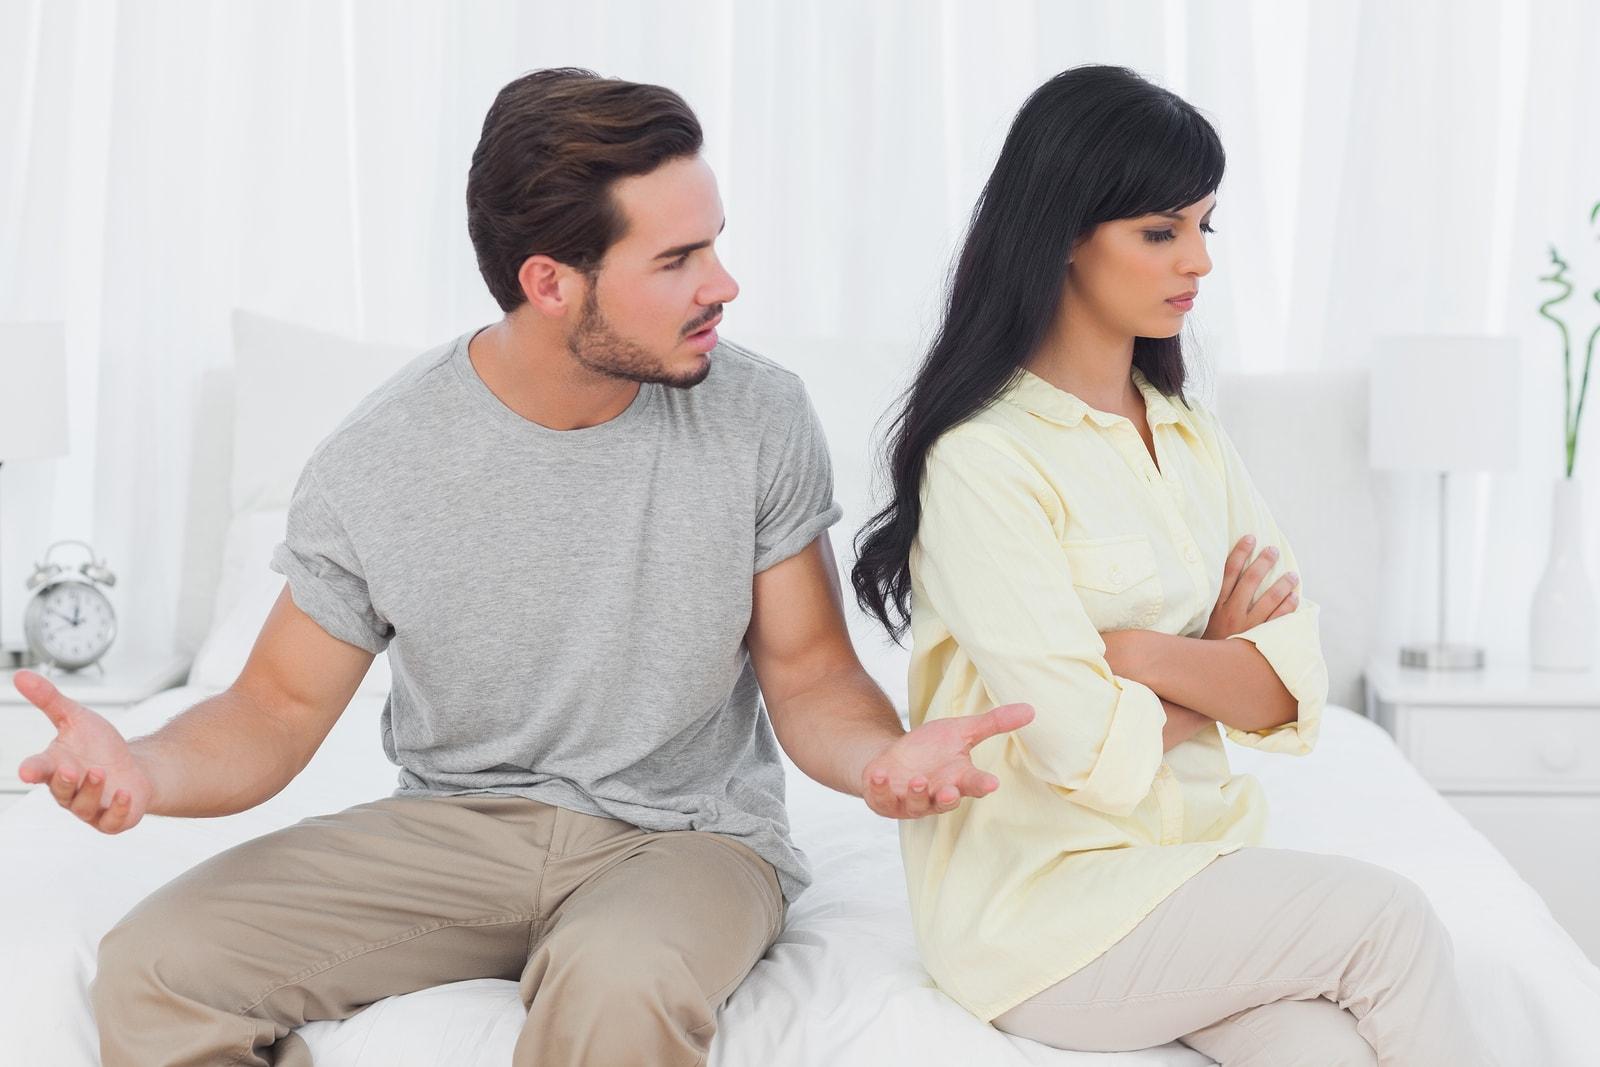 Обиженные мужчина и женщина